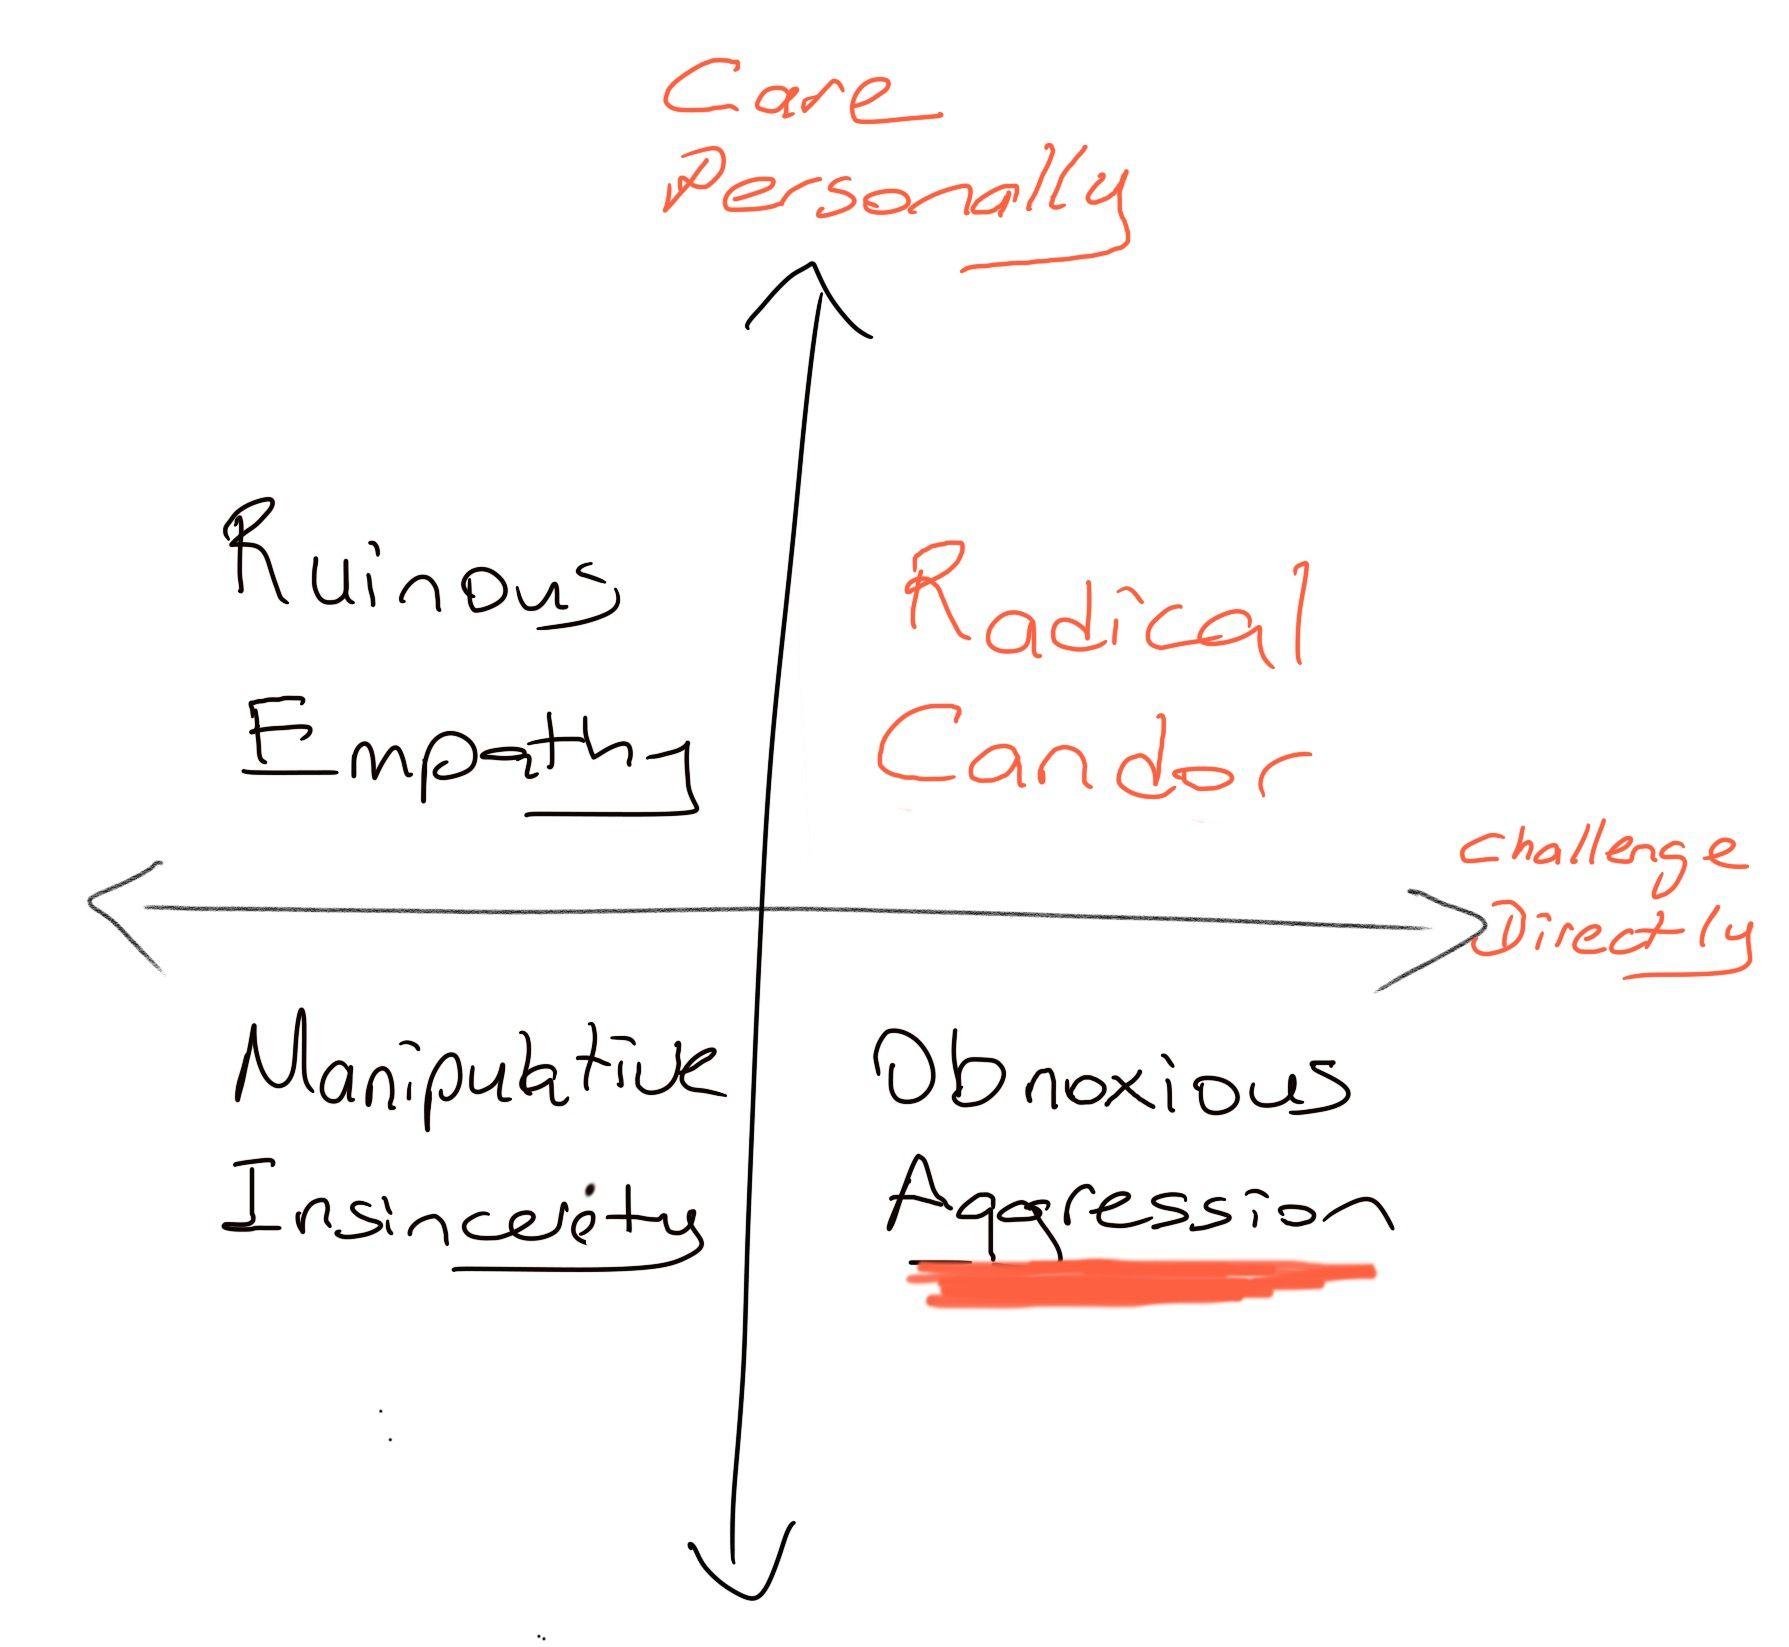 Radical Candor - Obnoxious Aggression Quadrant